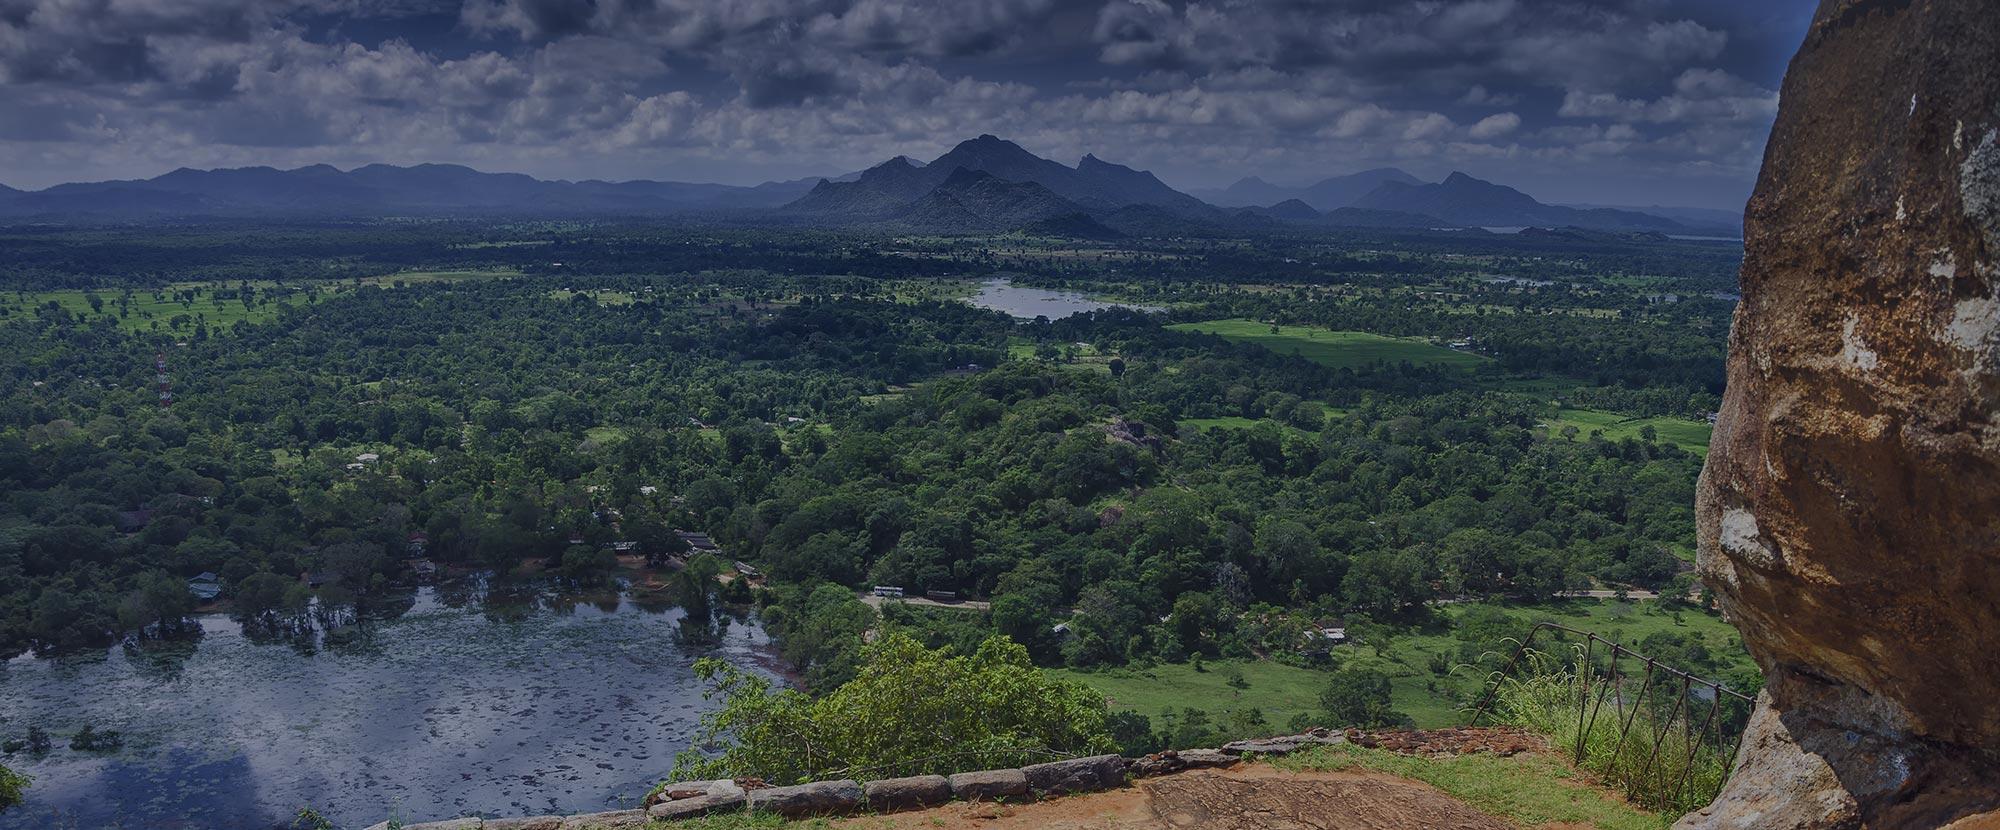 Viajes a Sri Lanka, India y Maldivas